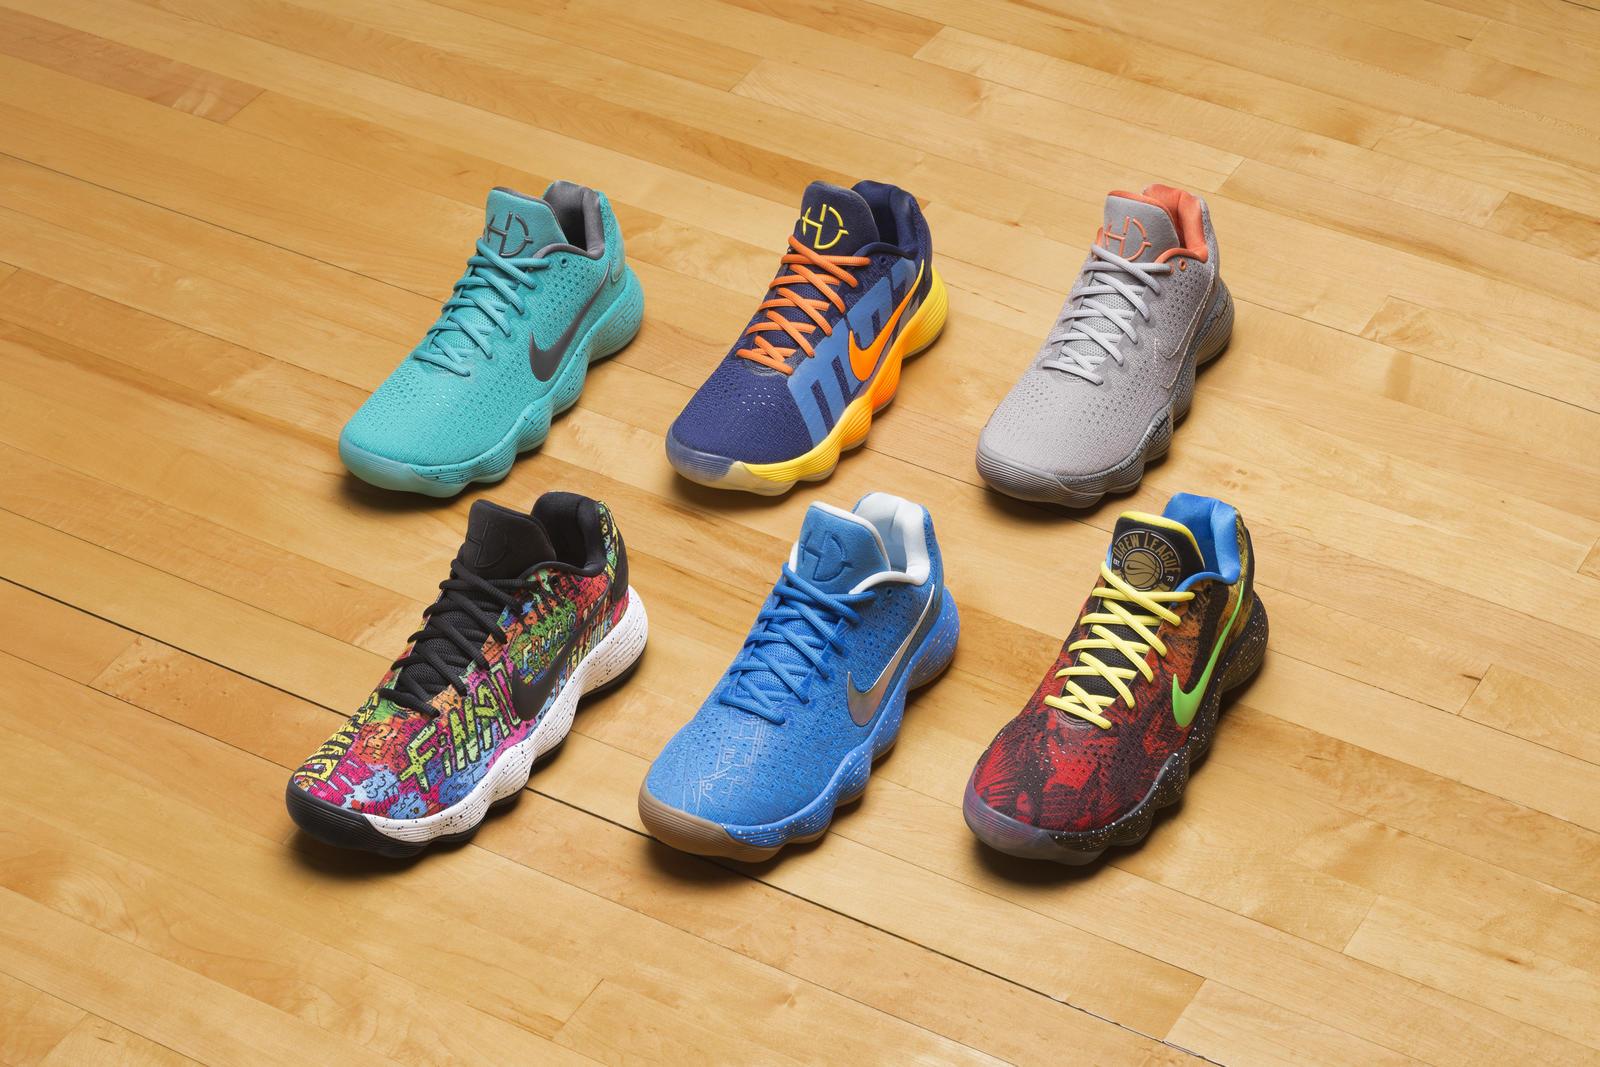 hot sales b96e5 e7f29 Puisquon joue au basket aux quatre coins de la planète, Nike rend hommage  à la mondialisation du basket avec des Nike Hyperdunk 2017 Low inspirés par  six ...